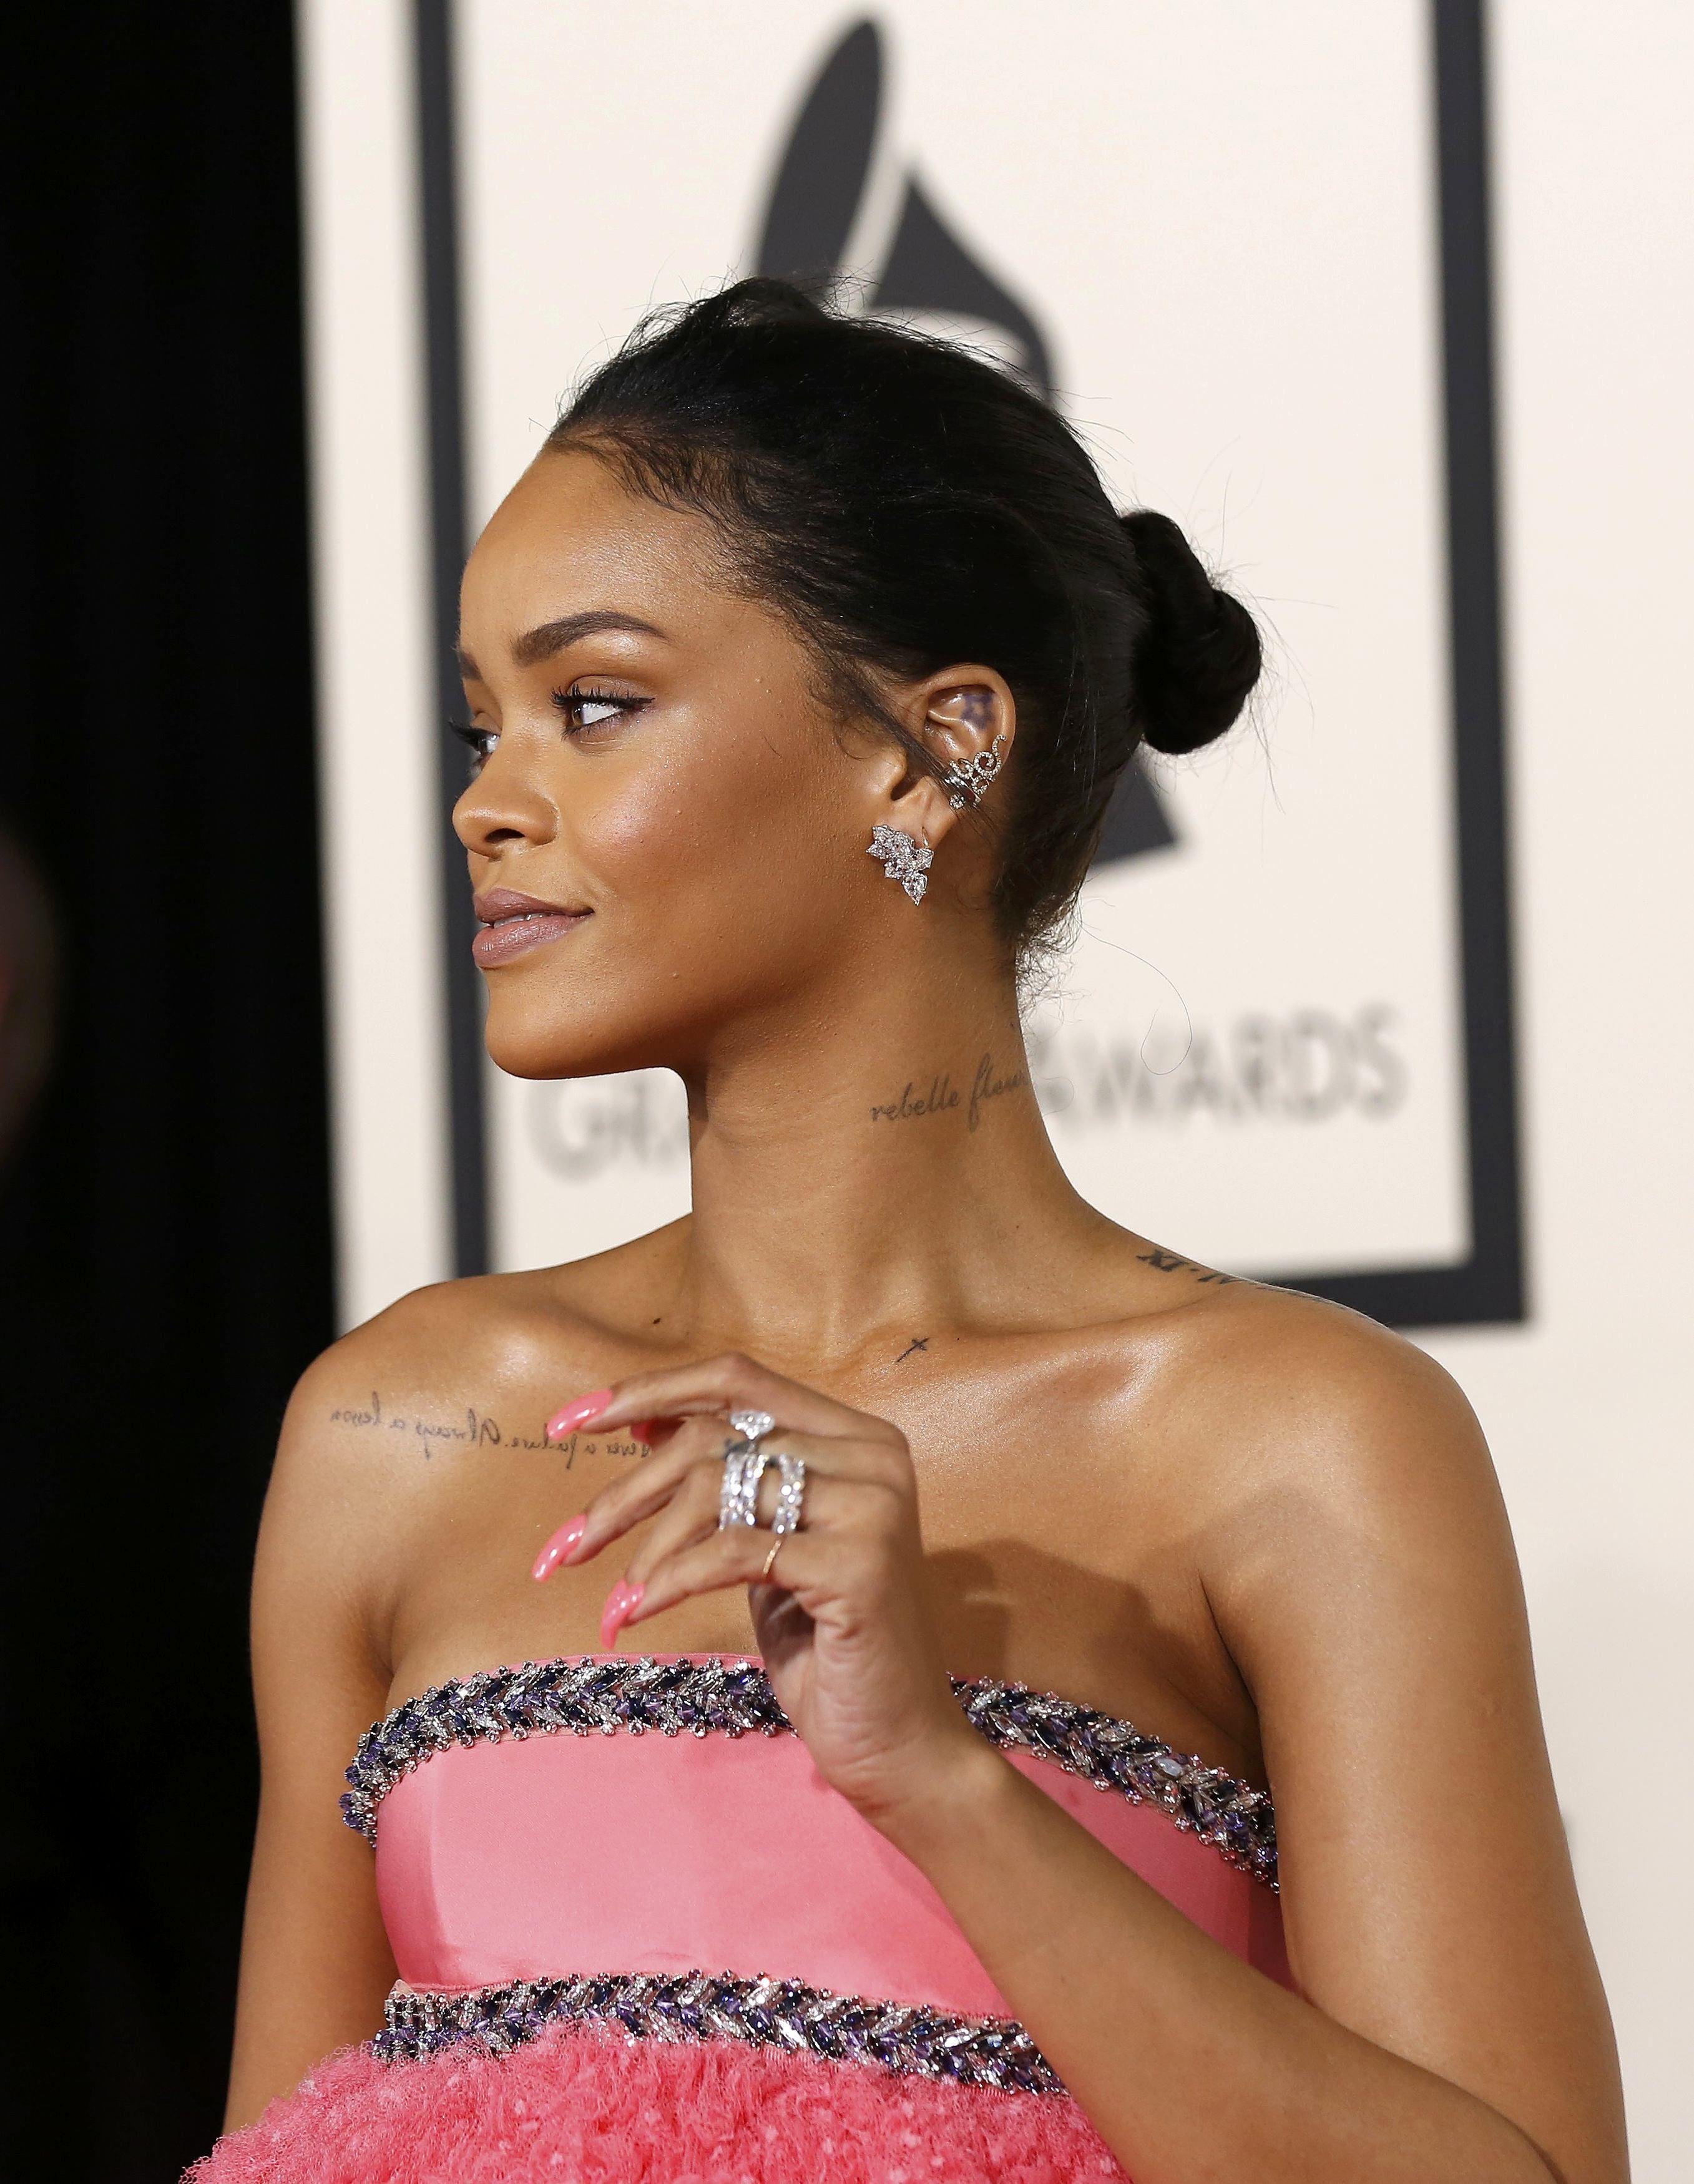 Рианна в розовом капкейк-платье заняла три места в зрительном зале Grammy-2015